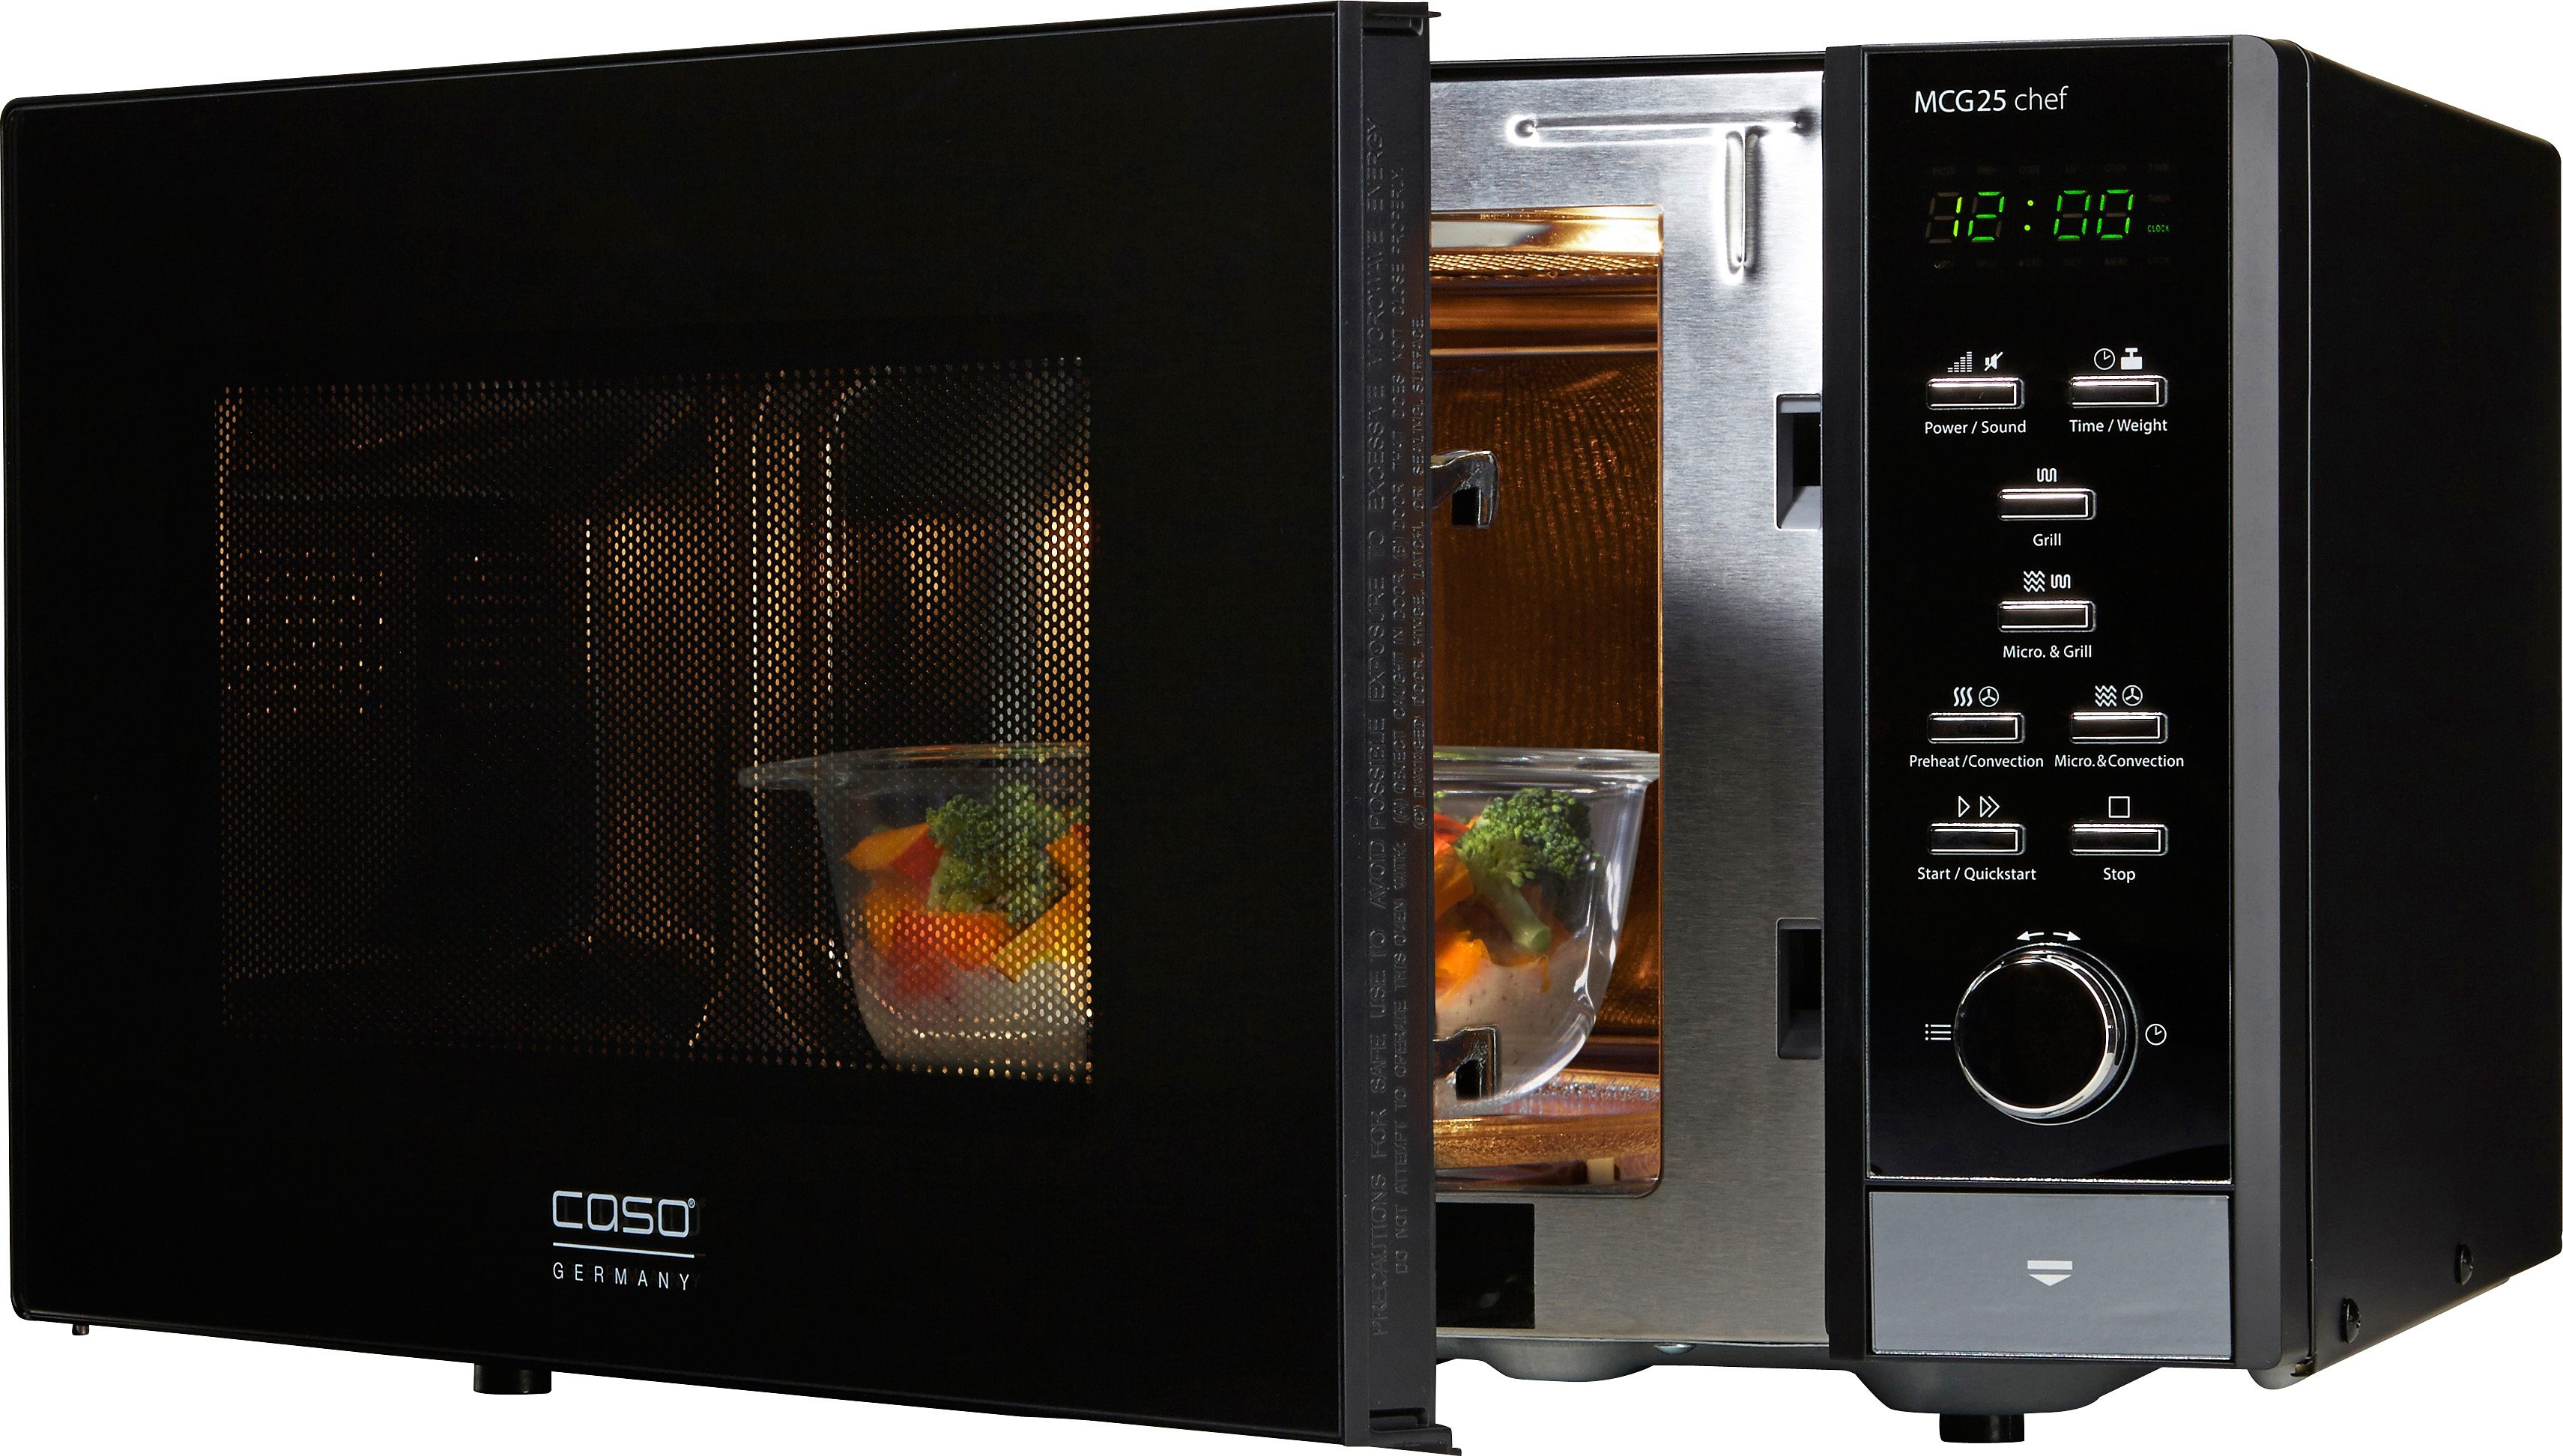 Caso Mikrowelle MCG25 chef, 900 W, mit Grill und Heißluft